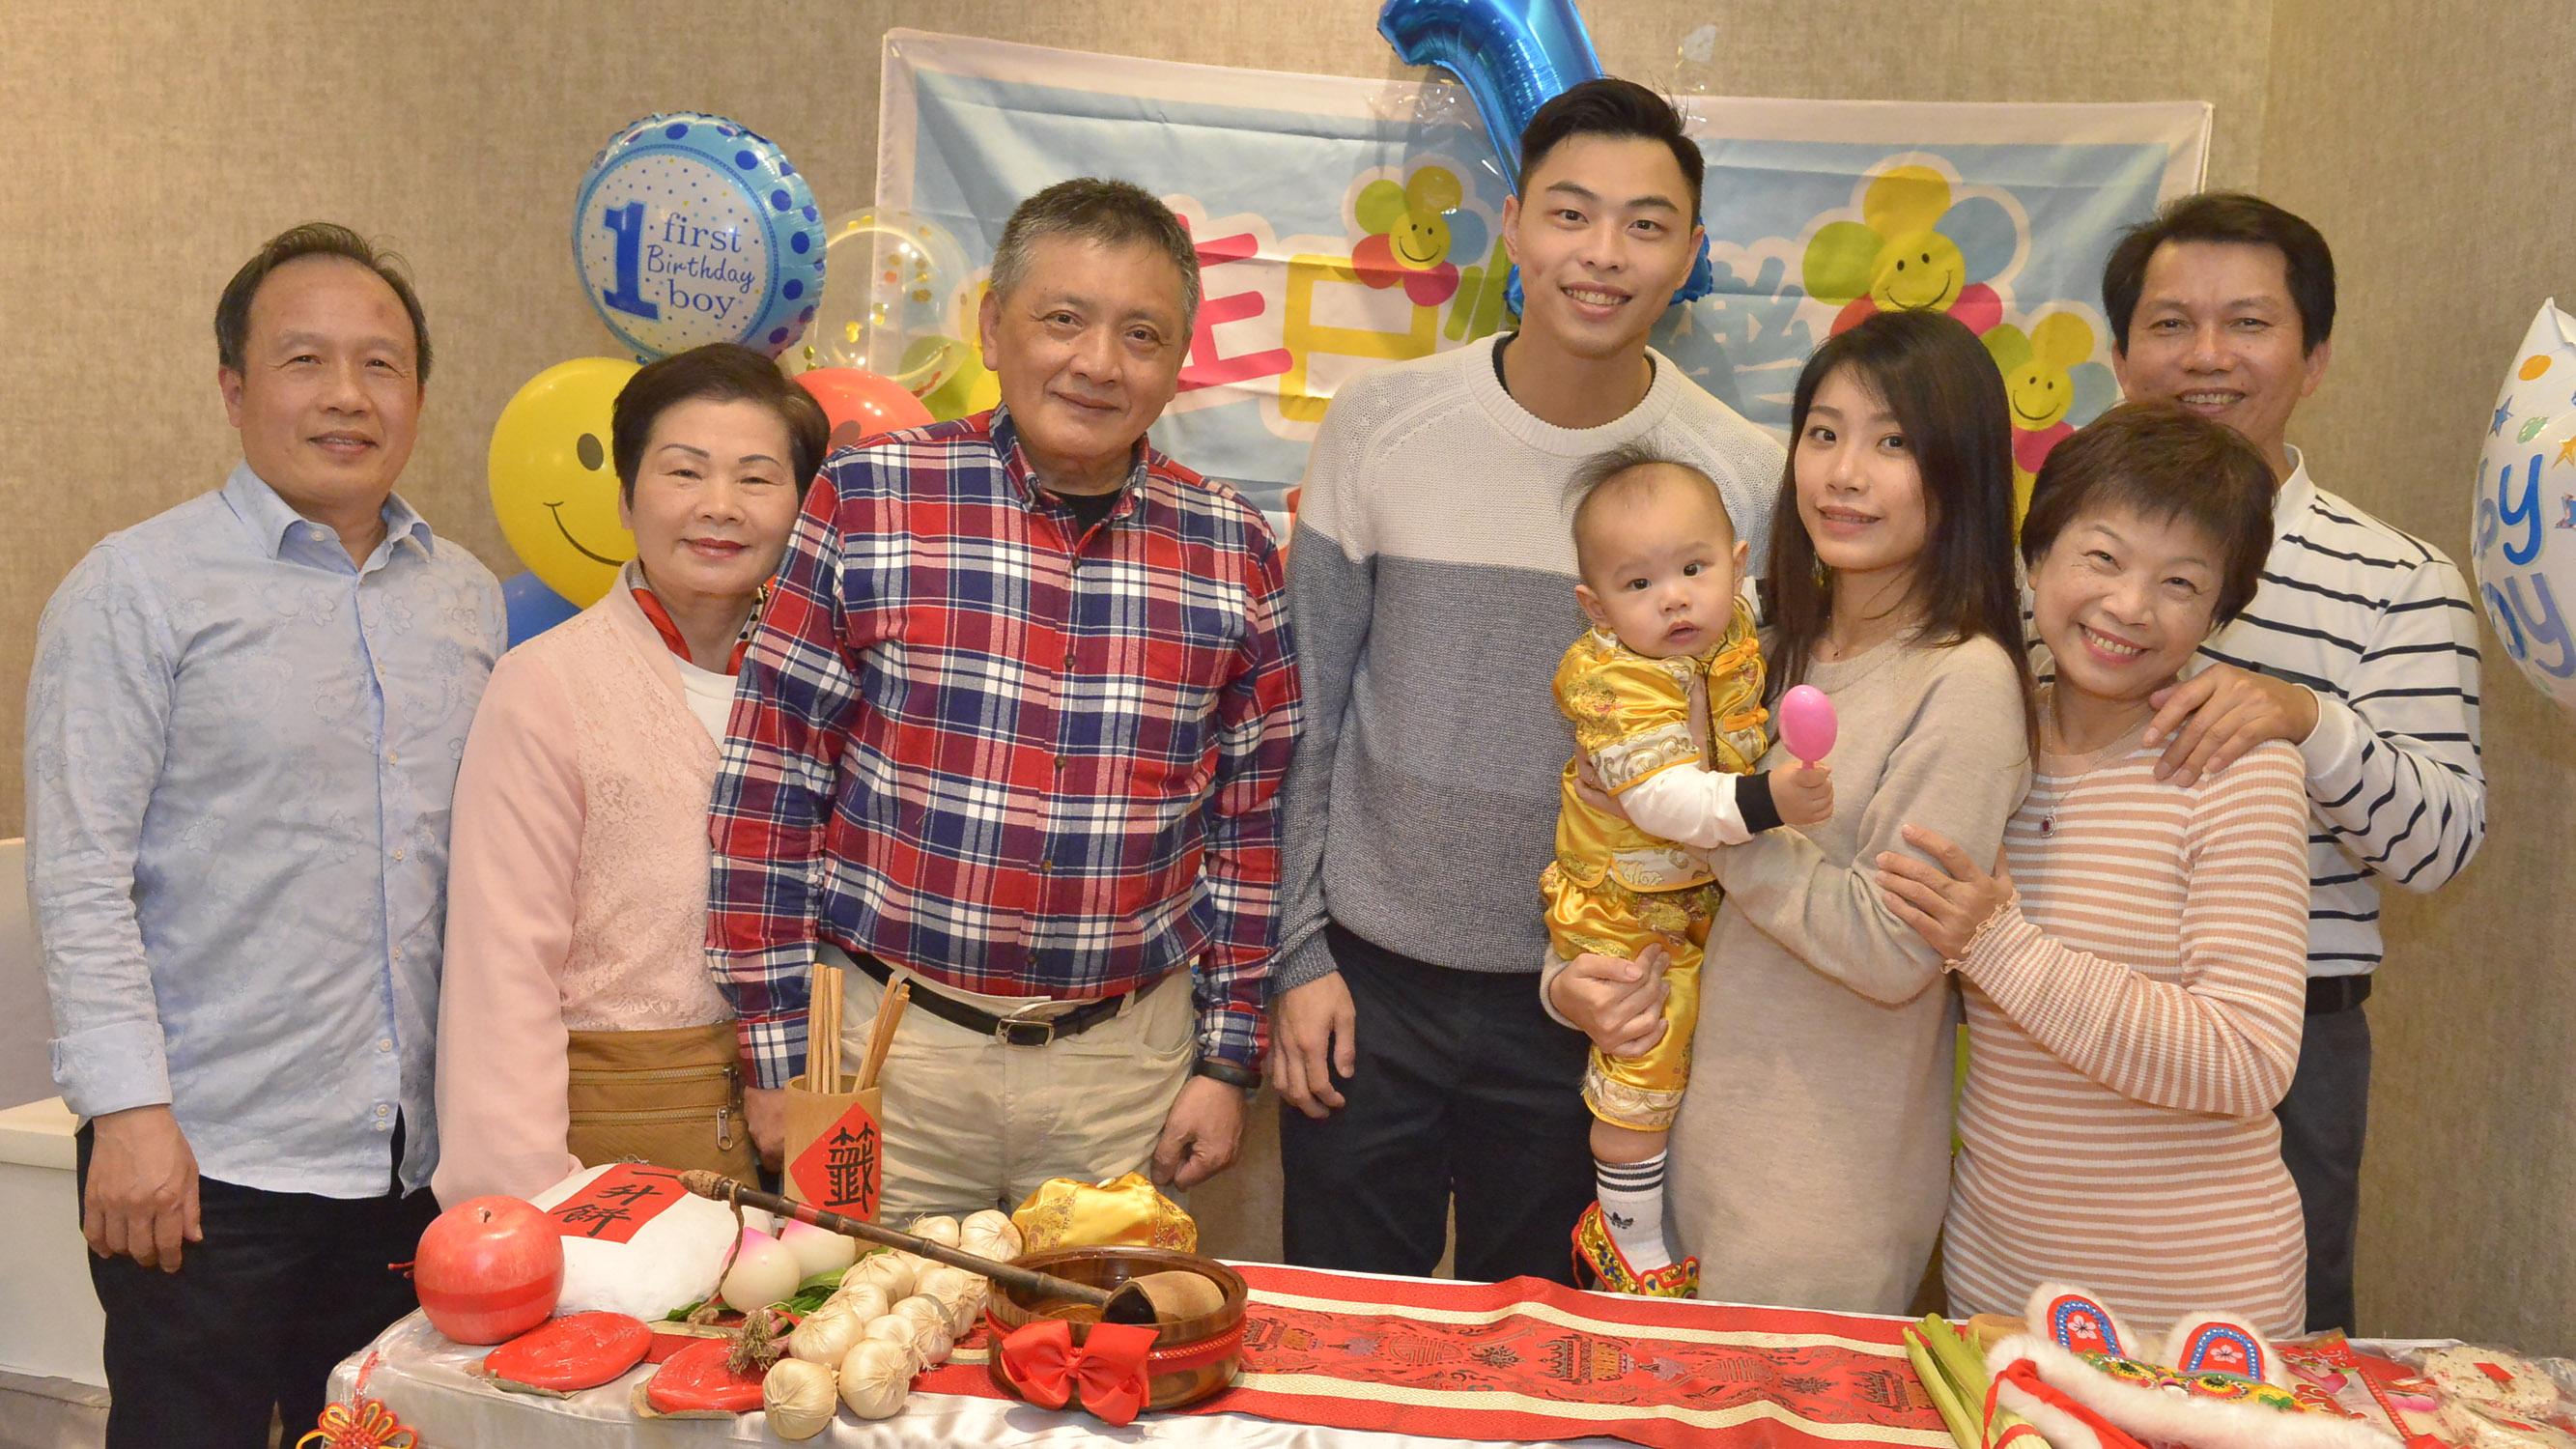 台中市西屯區給莊寶寶慶生和到府抓周範例全家福照